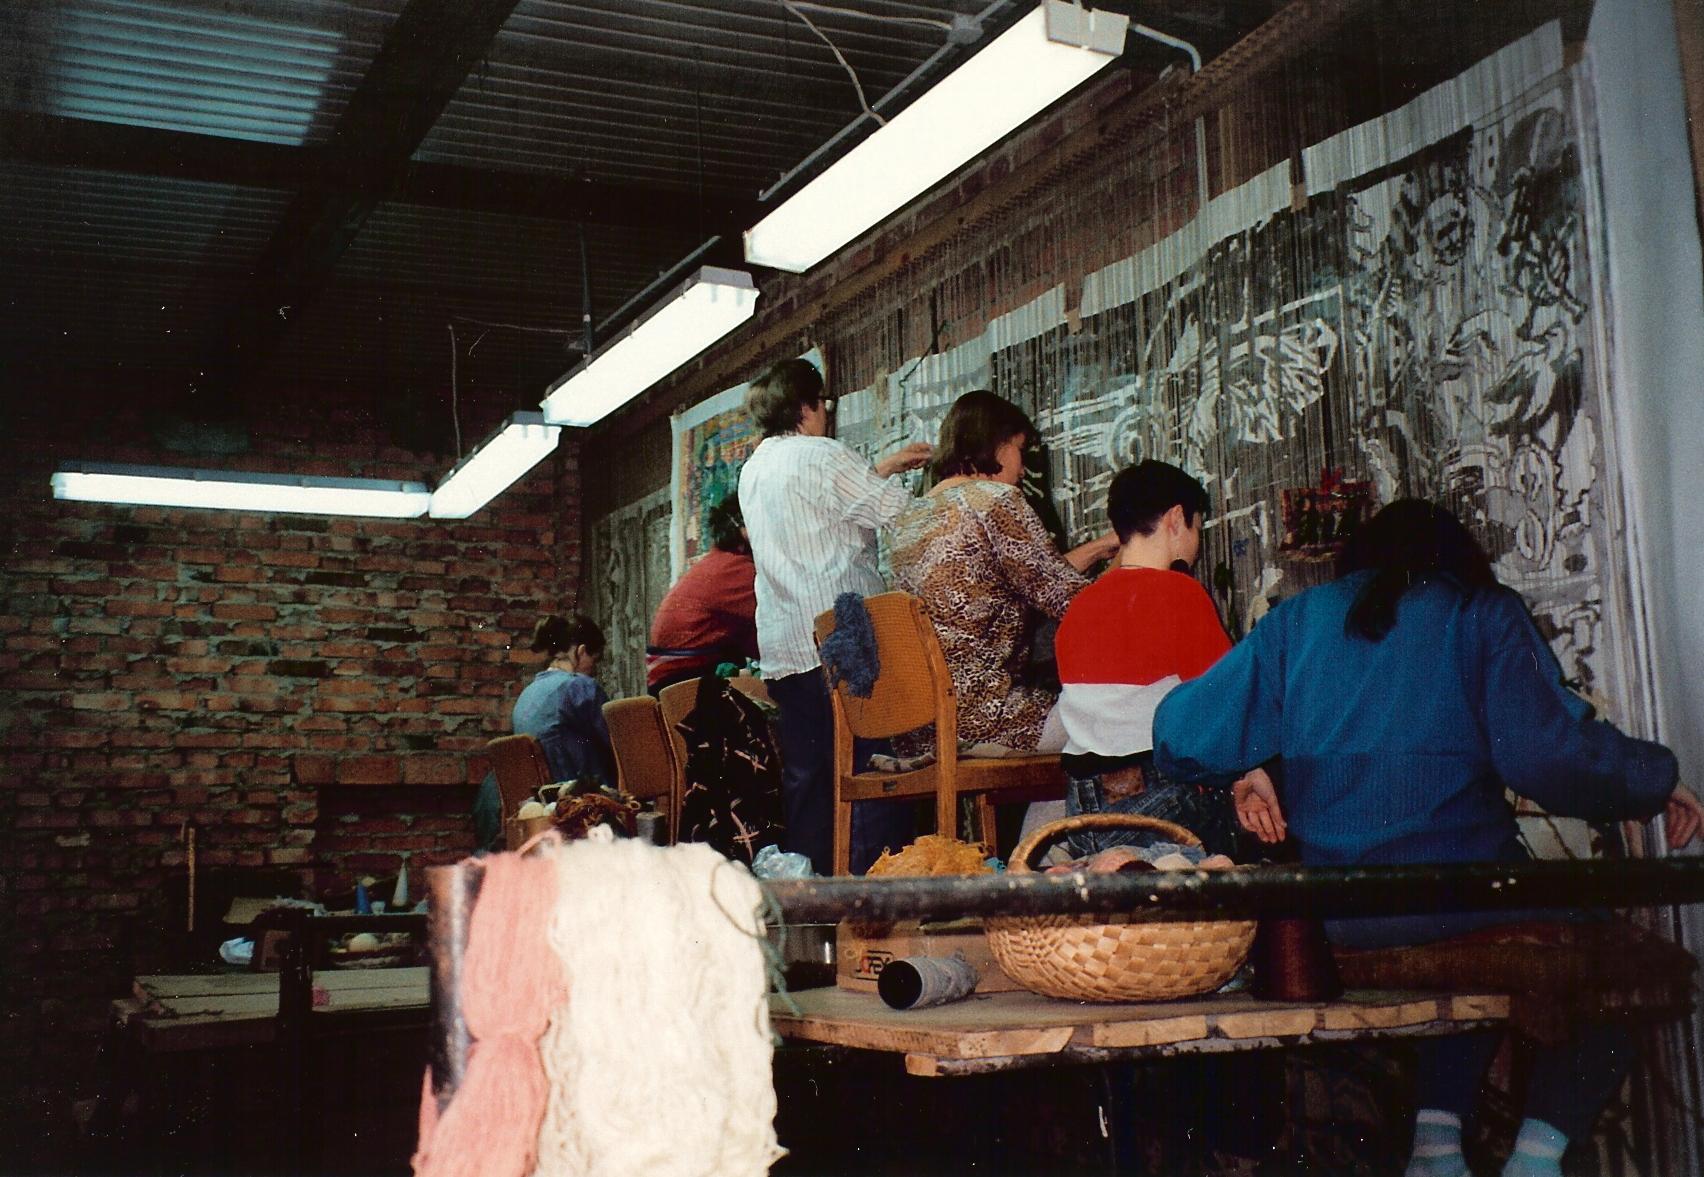 Production process Gobelin weaving, Poland